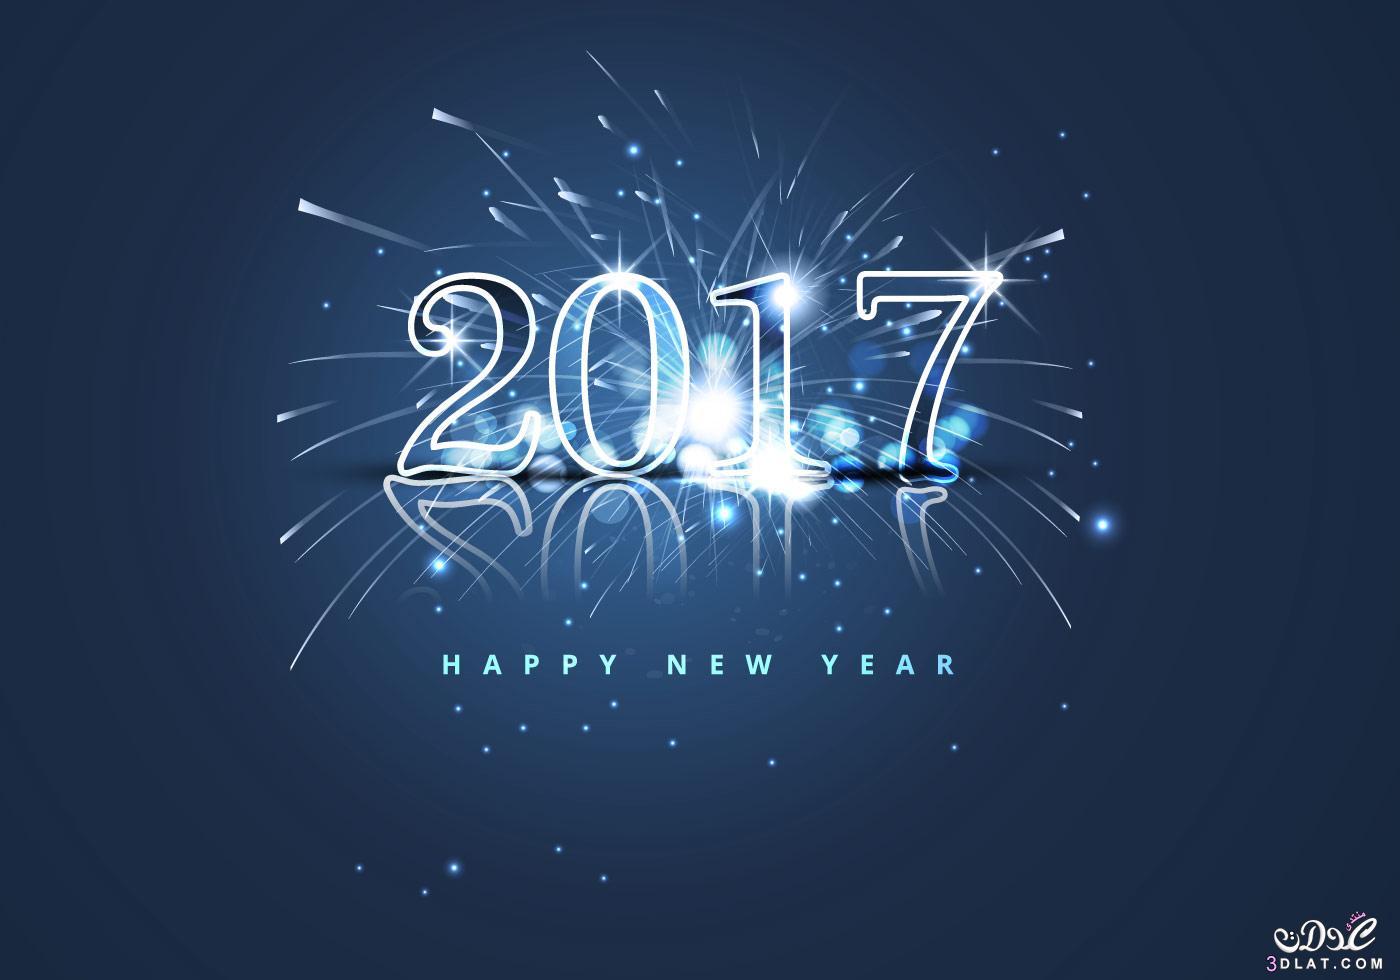 خلفيات جديدة لراس السنة الميلادية 2017 , اروع الخلفيات للعام الجديد , احدث الرمزيات للعام 2017 new_1479739243_240.j